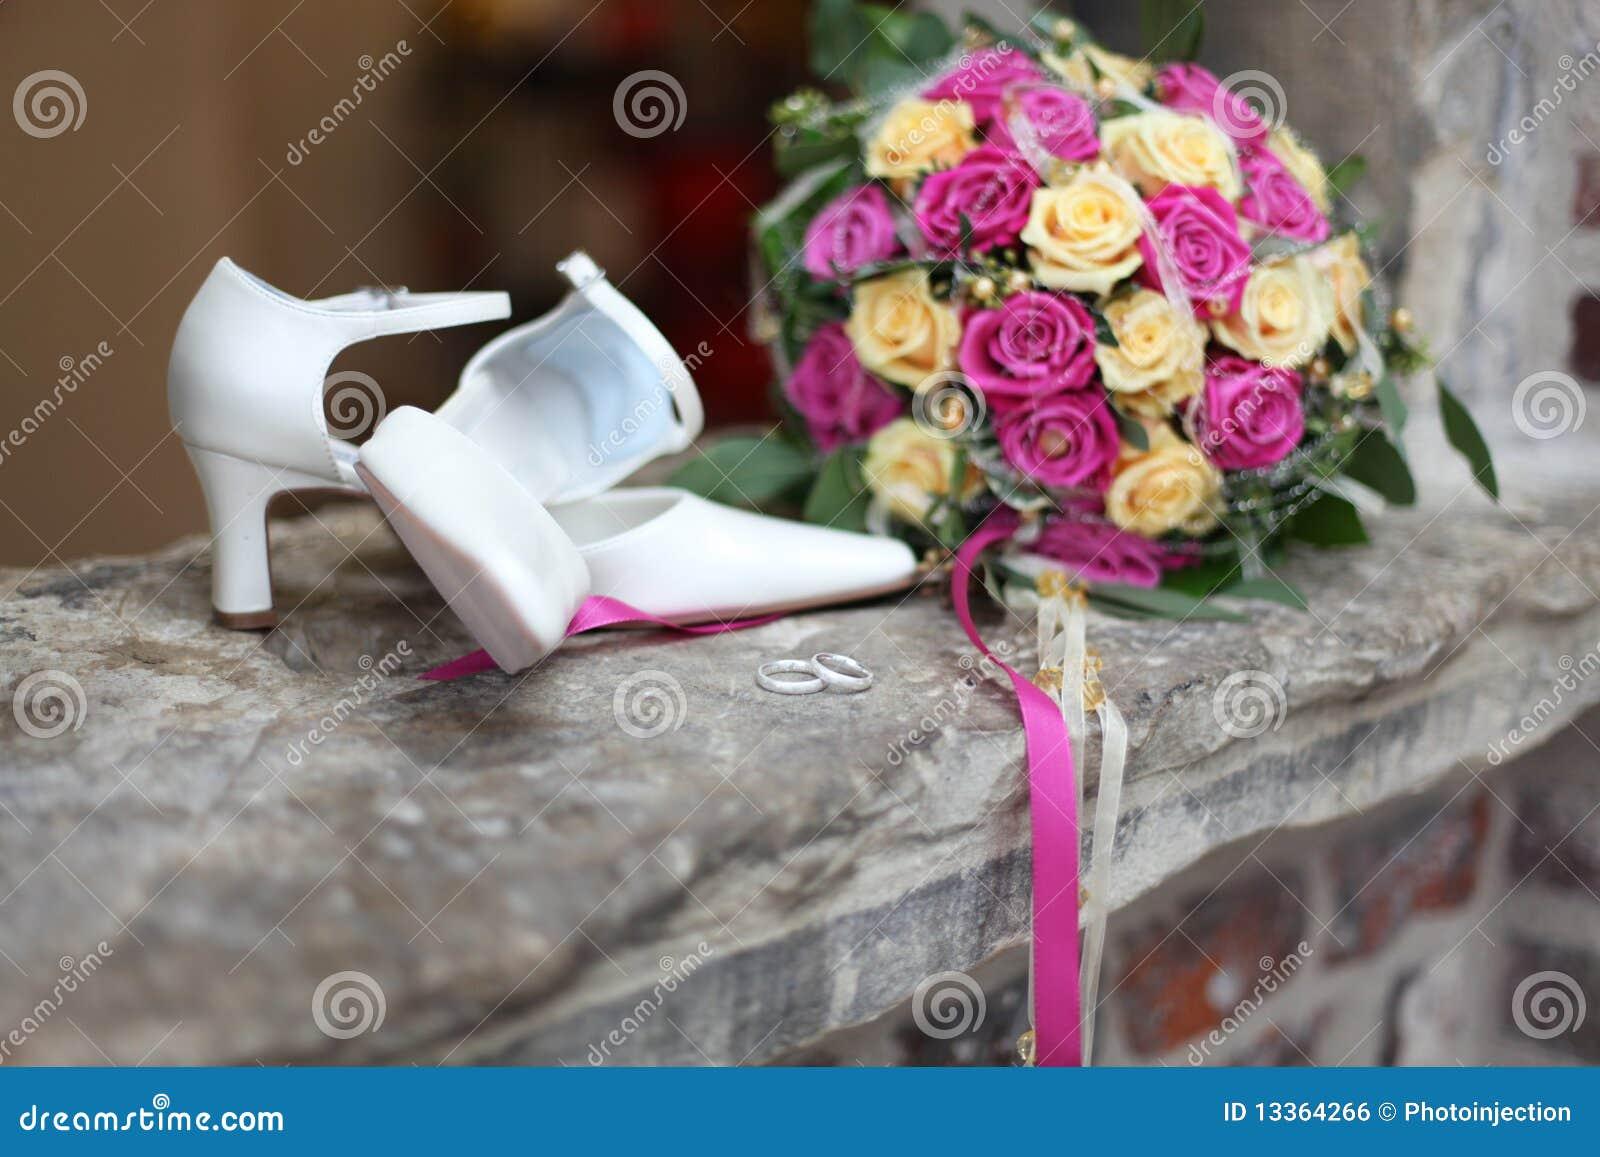 Foto Accessoires Hochzeit | Hochzeit Accessoires Stockfoto Bild Von Verwischt Ehemann 13364266